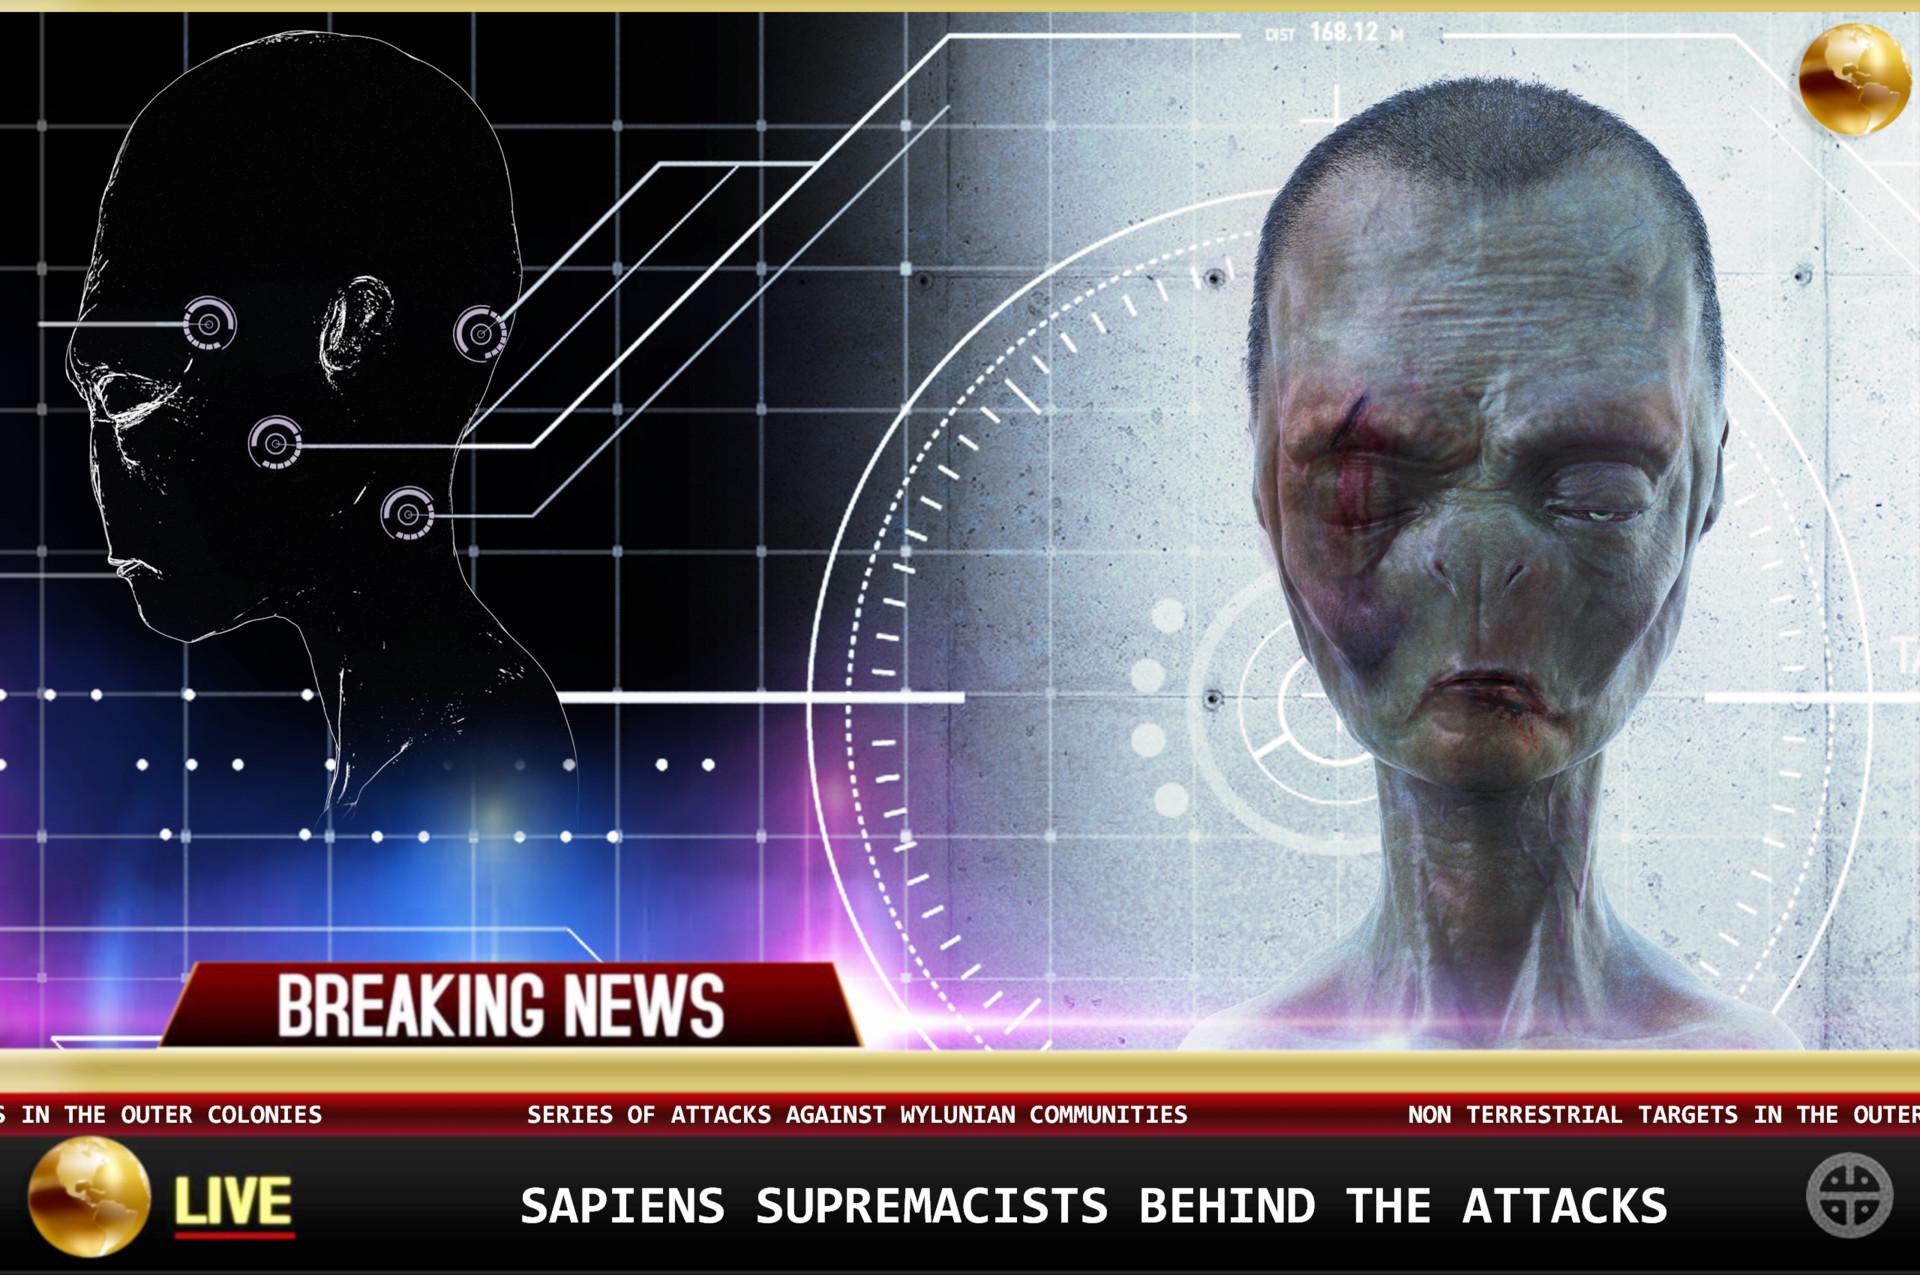 Oscar trejo alien mug